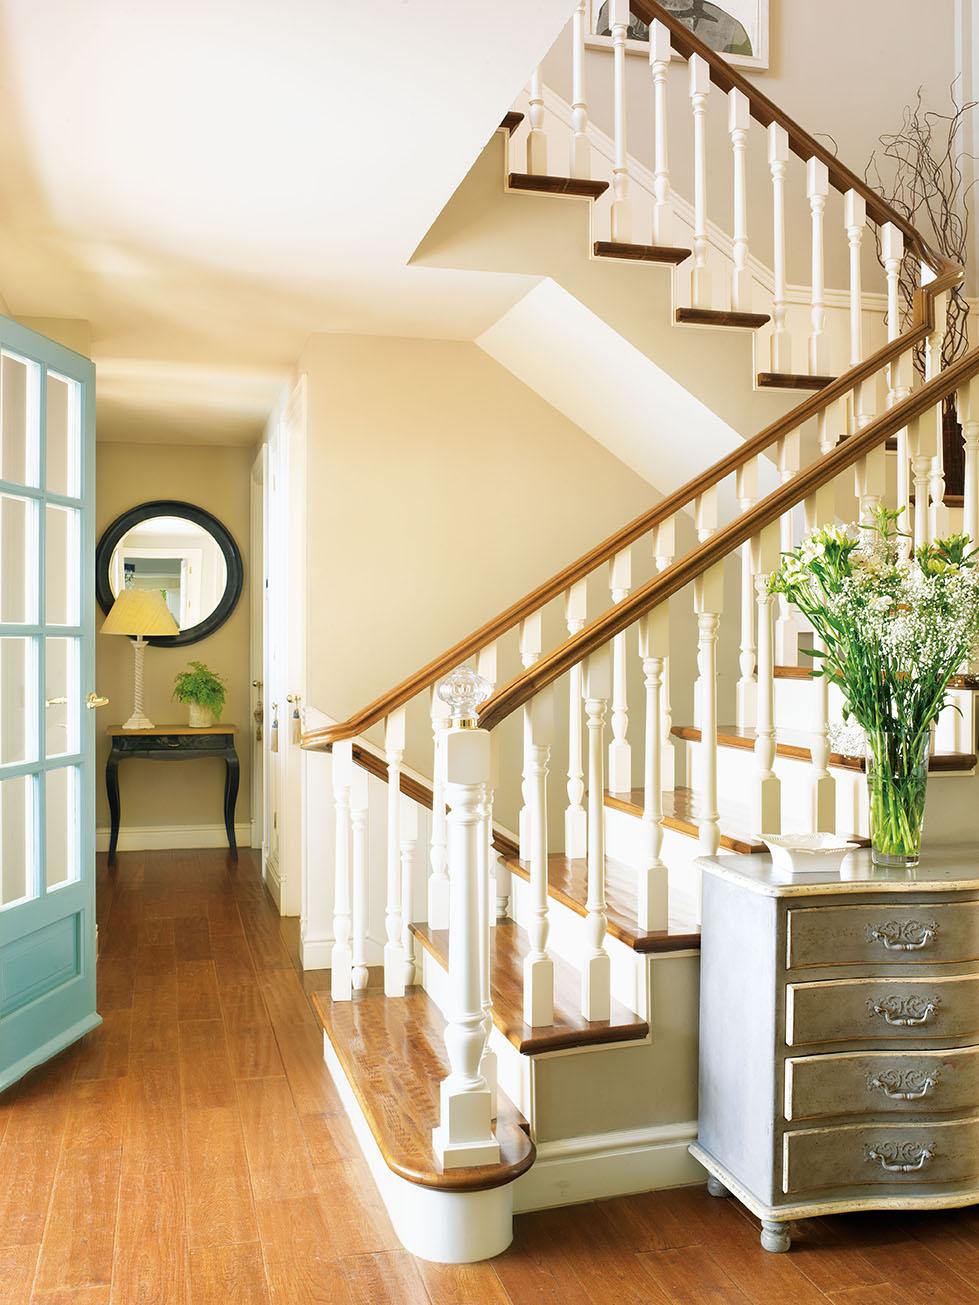 00320811. Recibidor con una escalera blanca y de madera_00320811